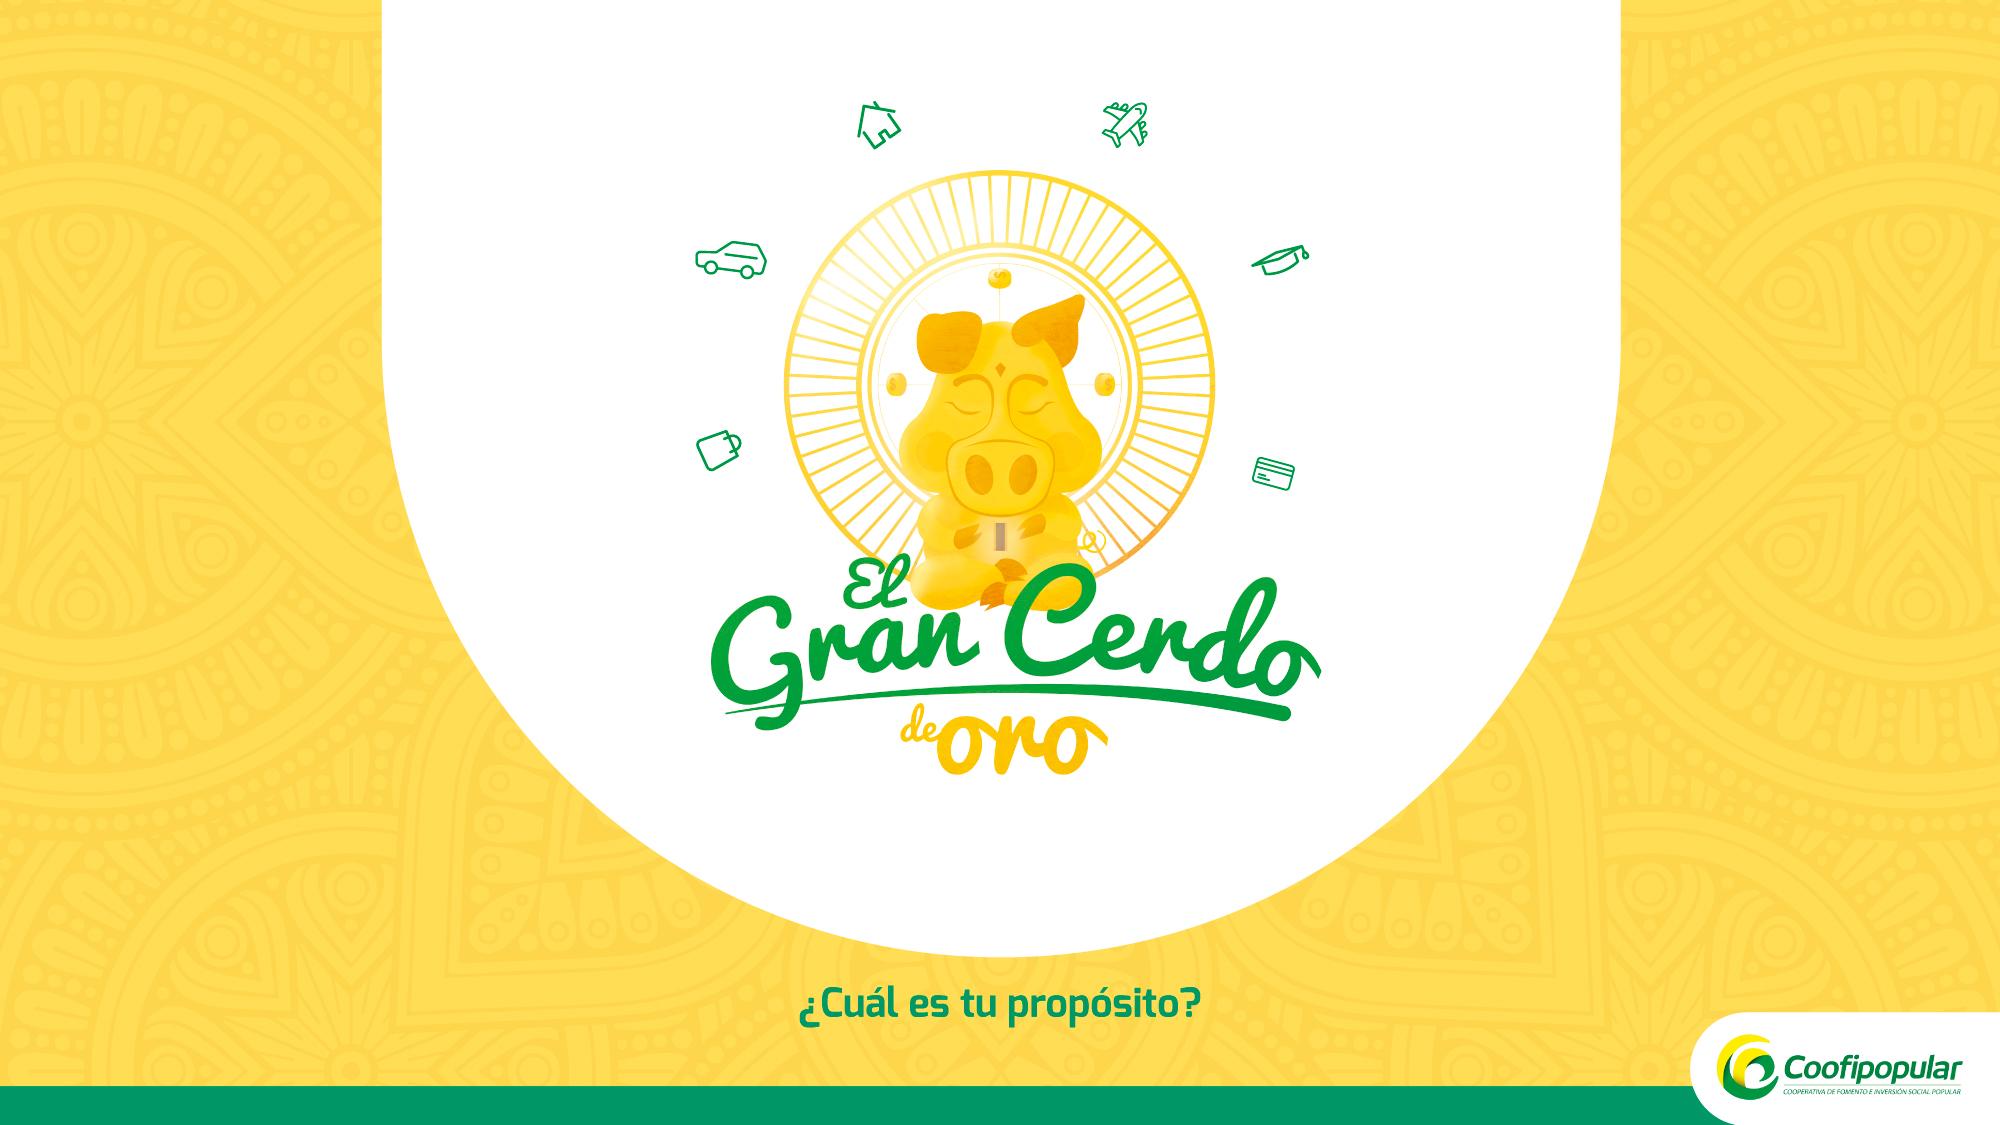 17_08_03_El_Gran_Cerdo_De_Oro_Key_Visual